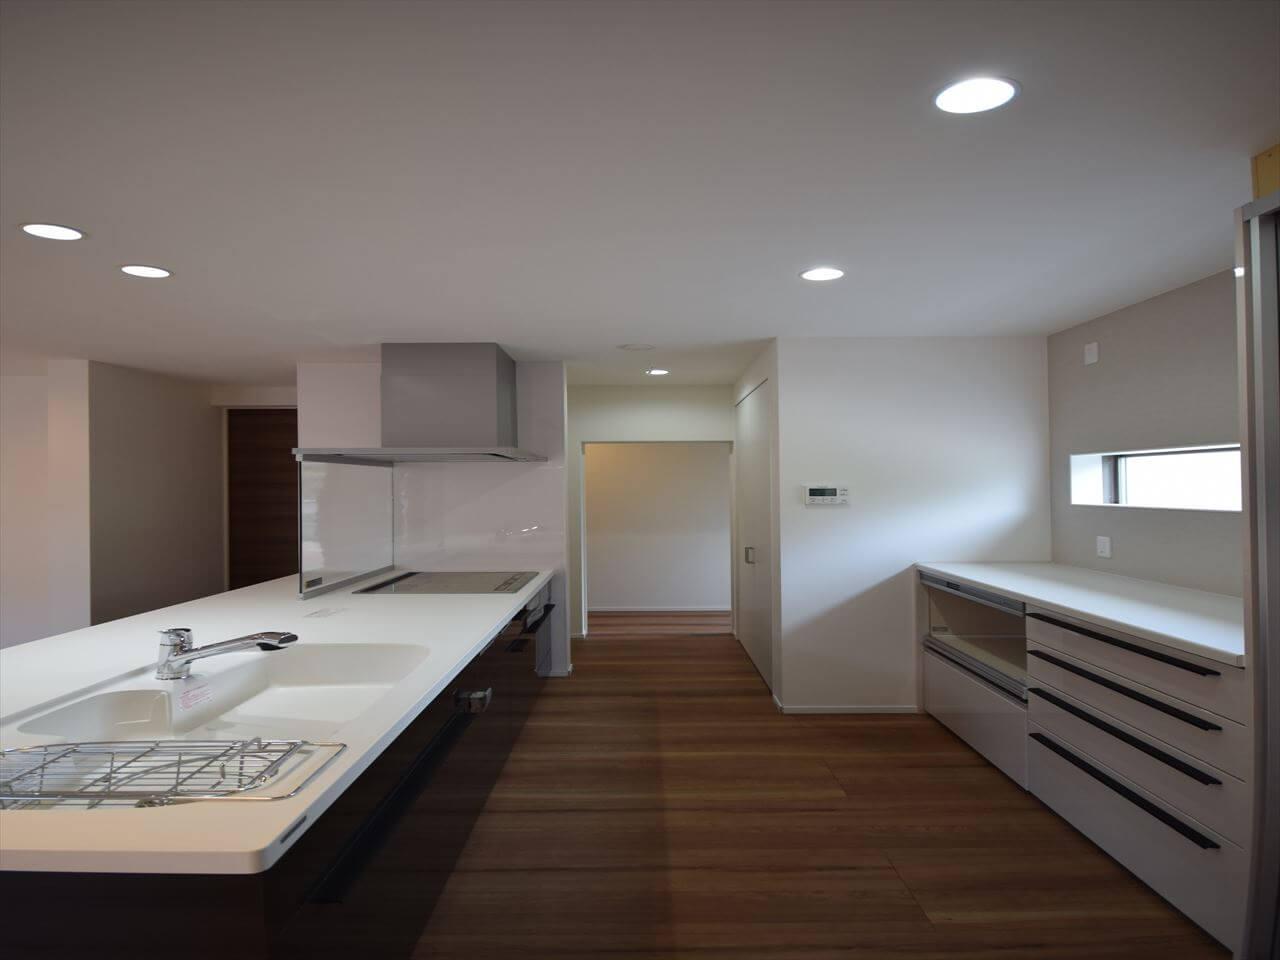 迎原の家:台所、脱衣室、お風呂、すぐに行ける動線計画